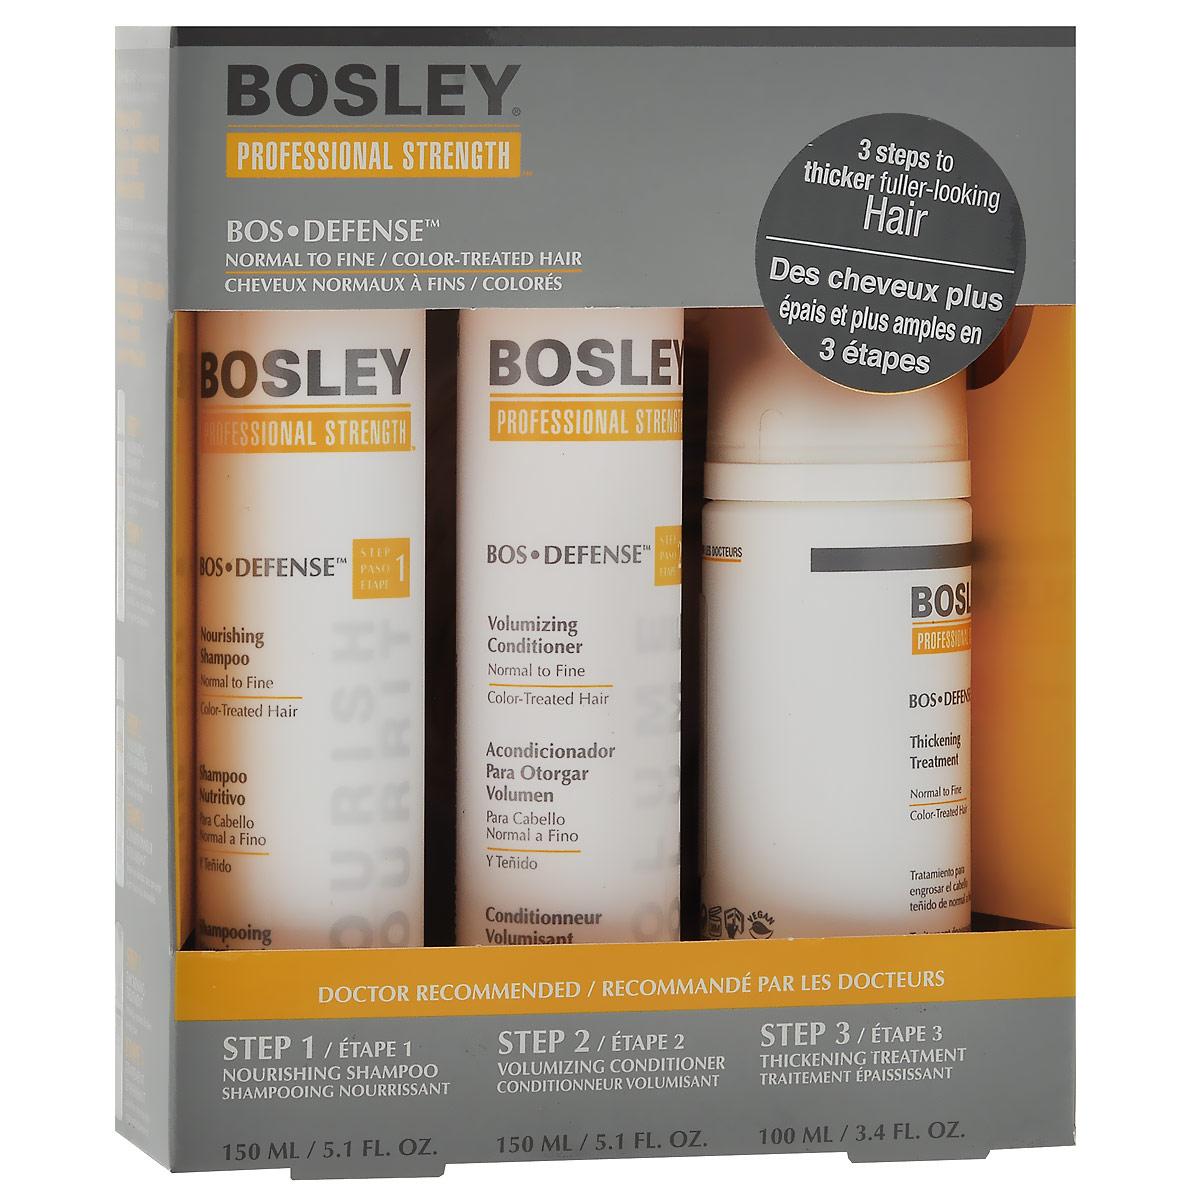 Bosley Набор для нормальных, тонких и окрашенных волос: шампунь, кондиционер, несмываемый уход bosley pro набор для волос шампунь и кондиционер для нормальных тонких окрашенных волос 300 300 мл